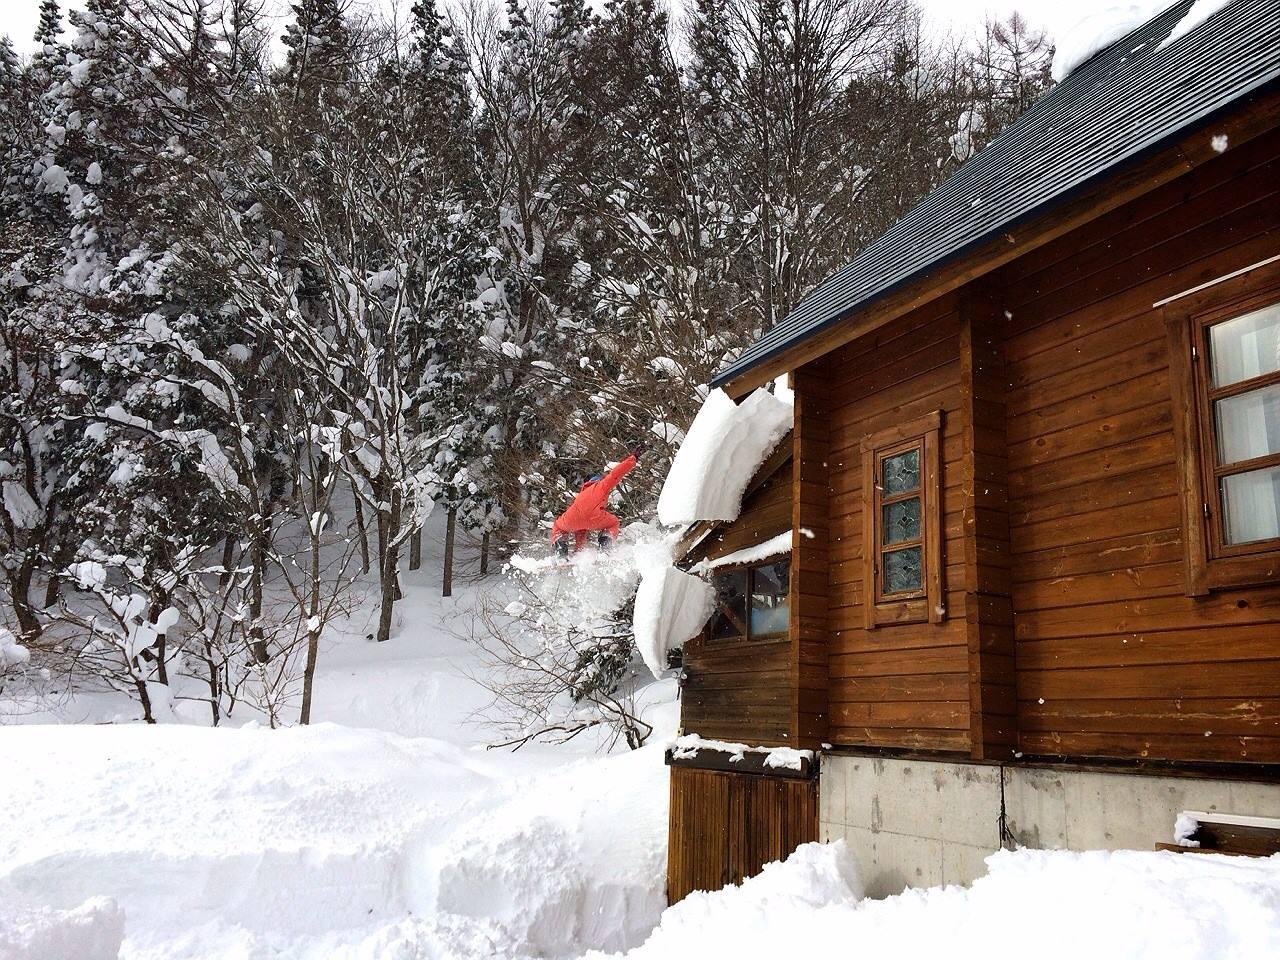 屋根雪と一緒にスノーボードで飛ぶ